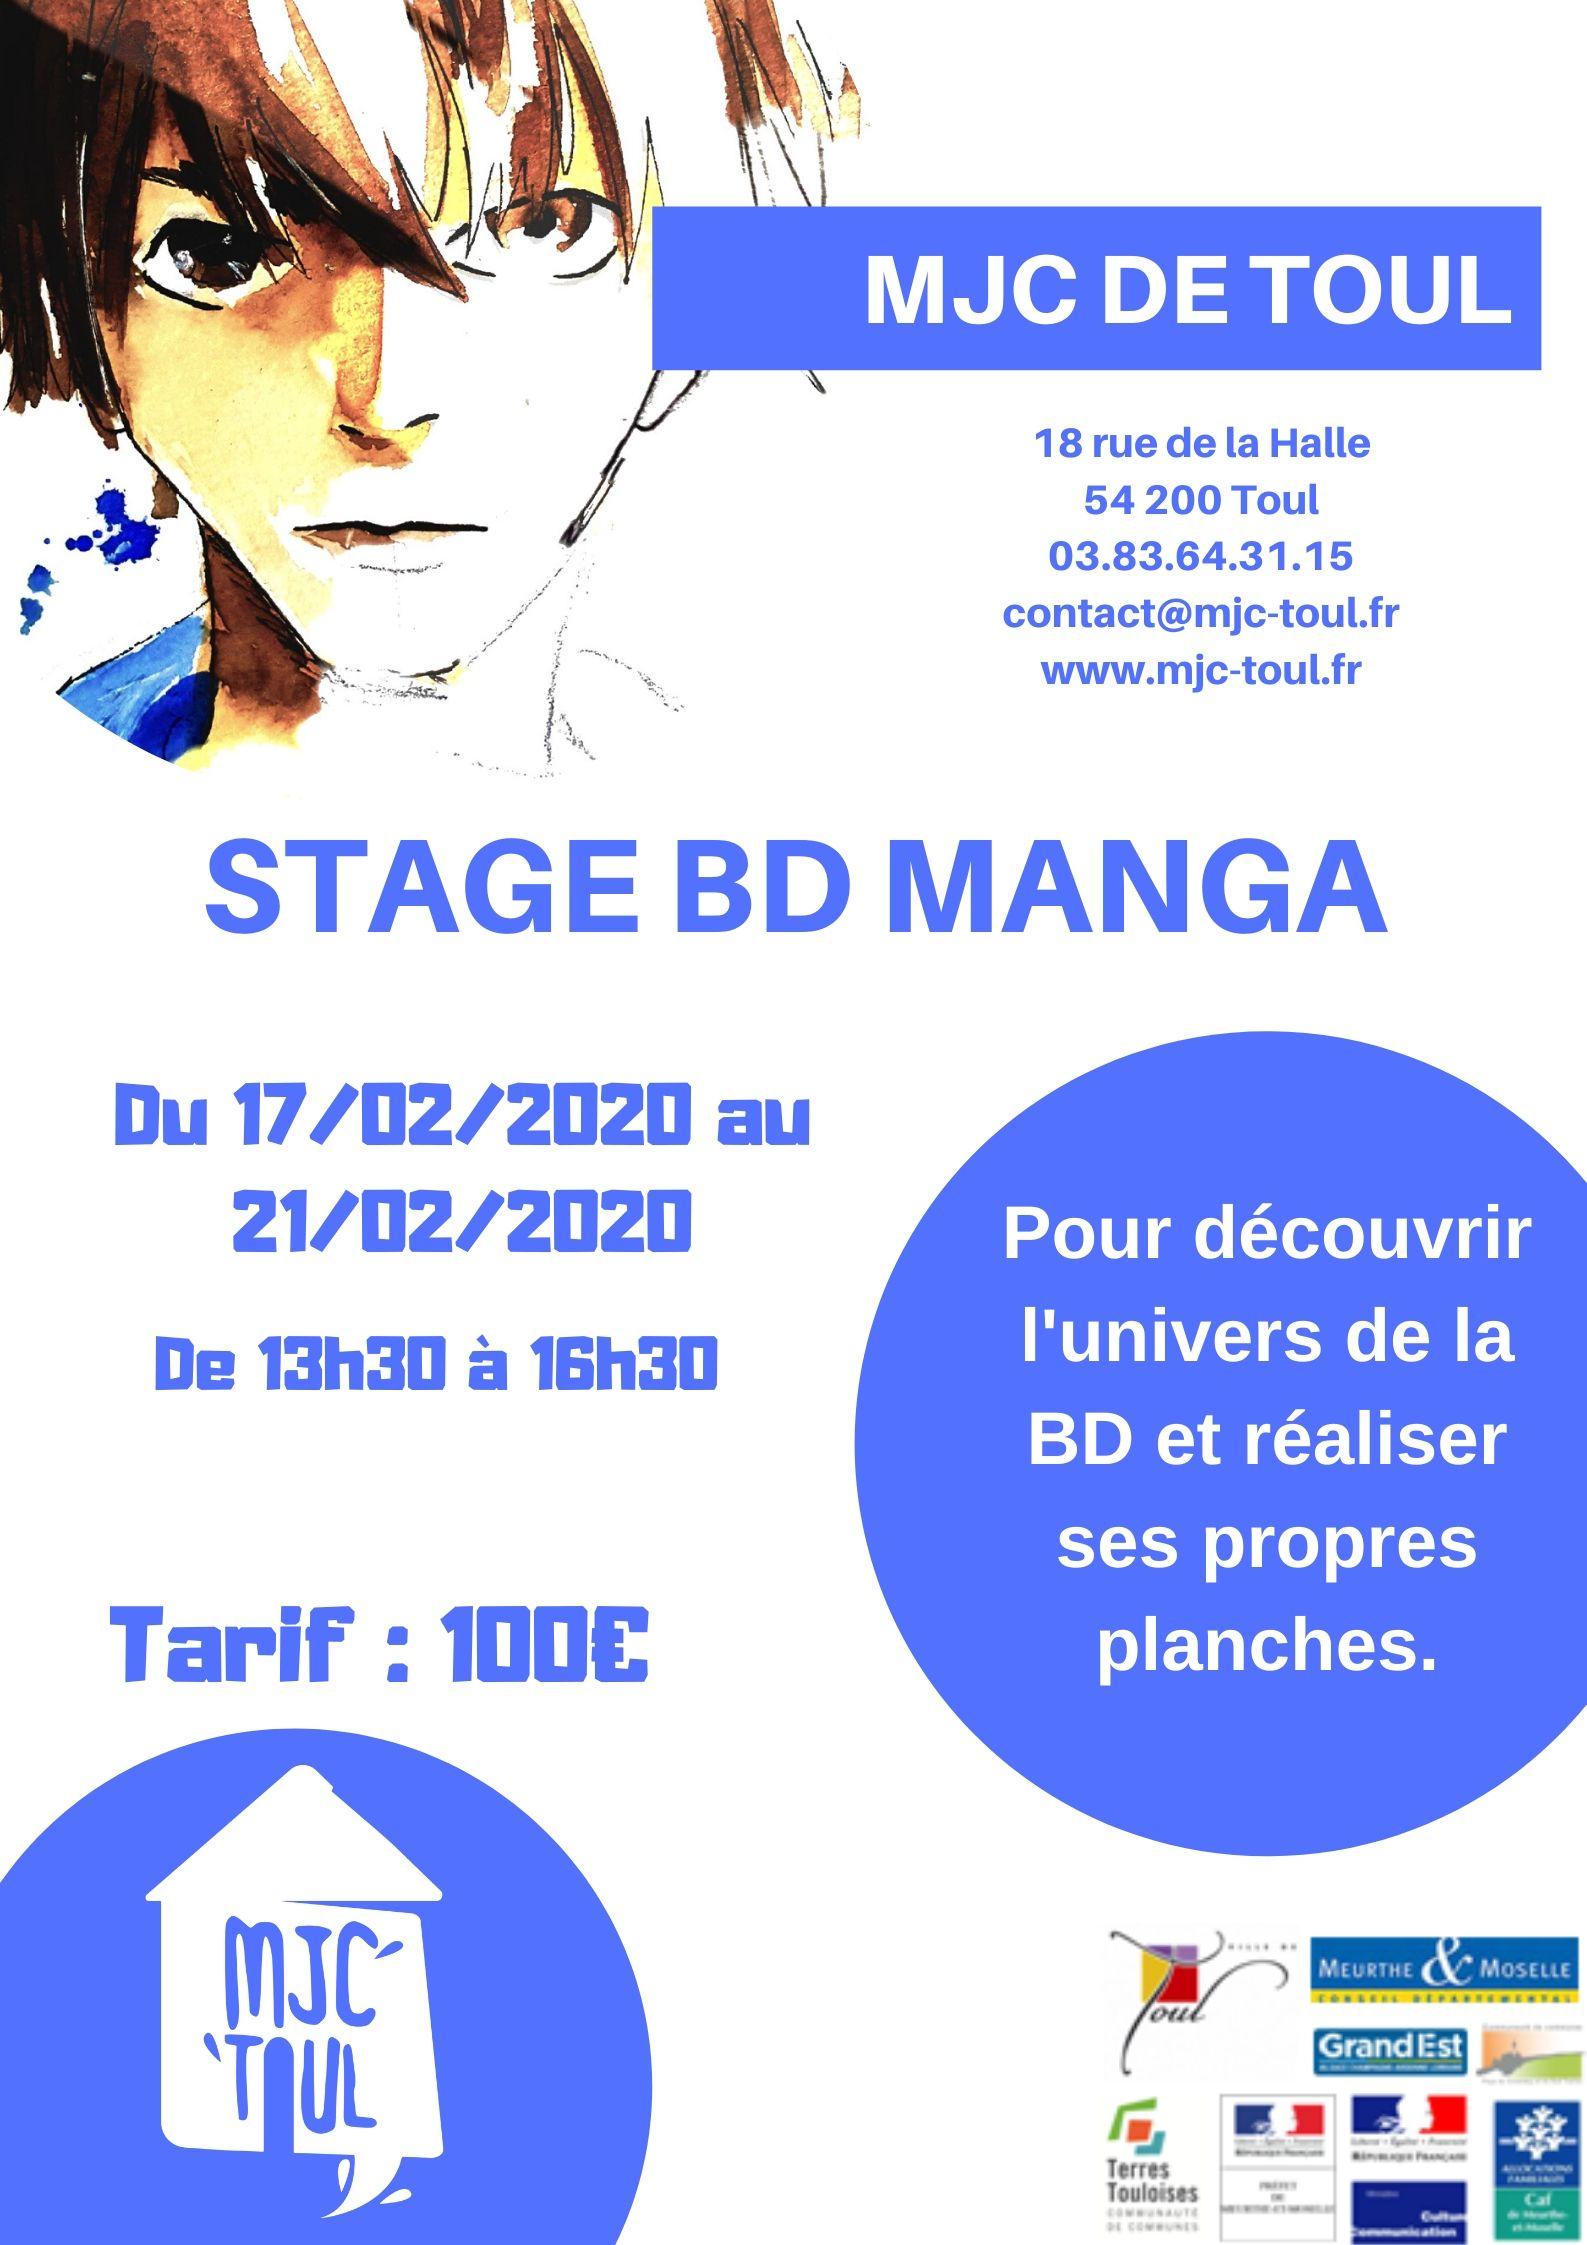 STAGE BD MANGA